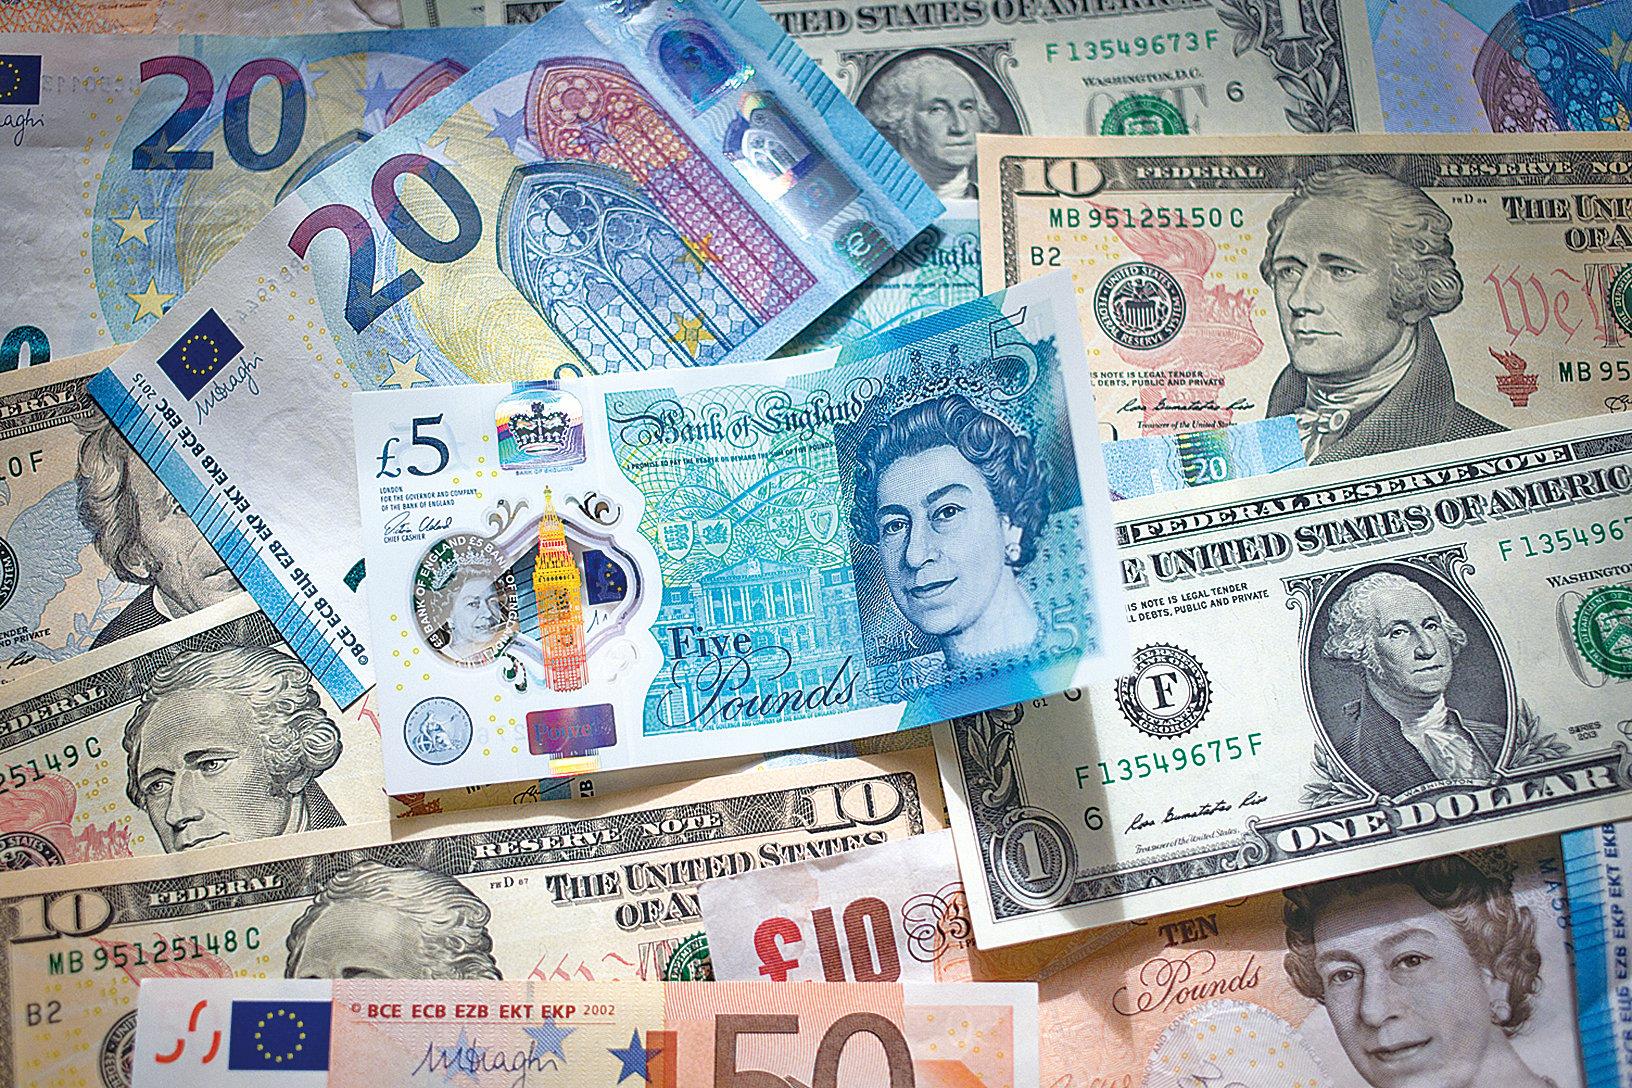 據人民銀行公佈的11月金融數據顯示,中國外幣存款按月大幅增加204億美元,餘額較去年同期增幅達11%。(Getty Images)